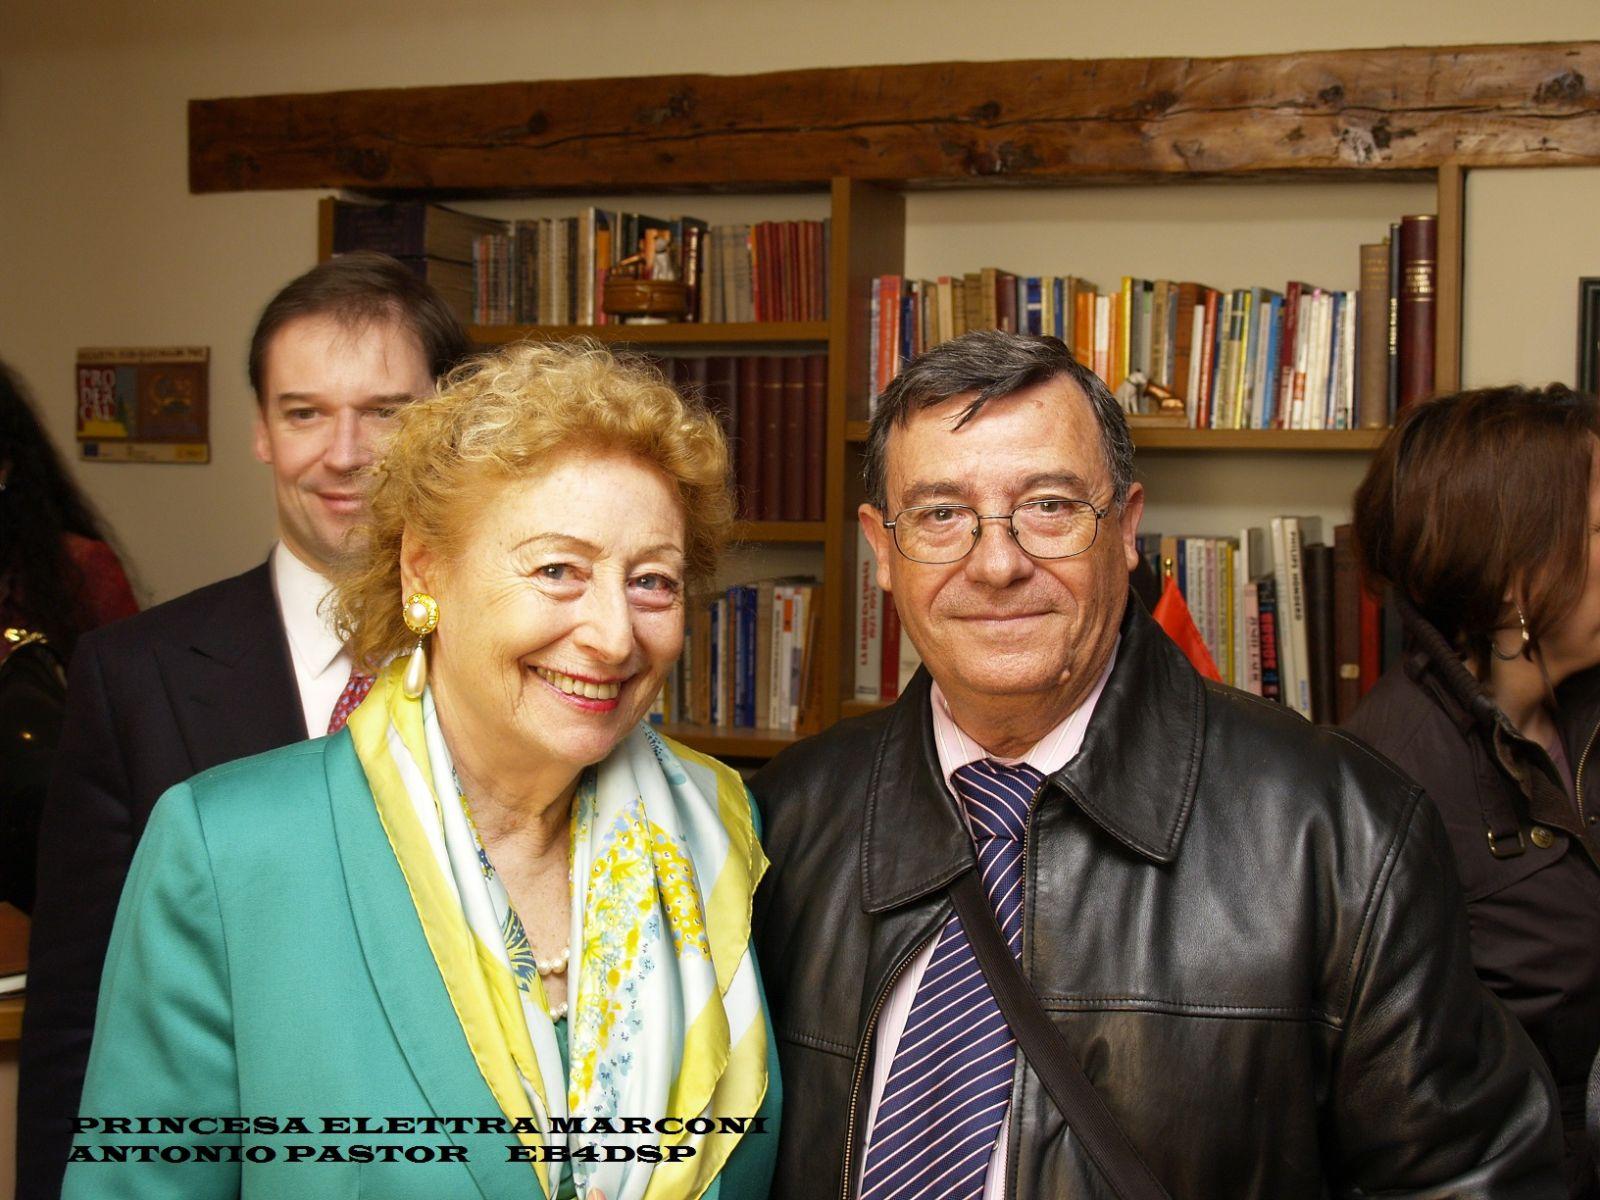 PRINCESA ELETTRA MARCONI Y ANTONIO PASTOR  EB4DSP